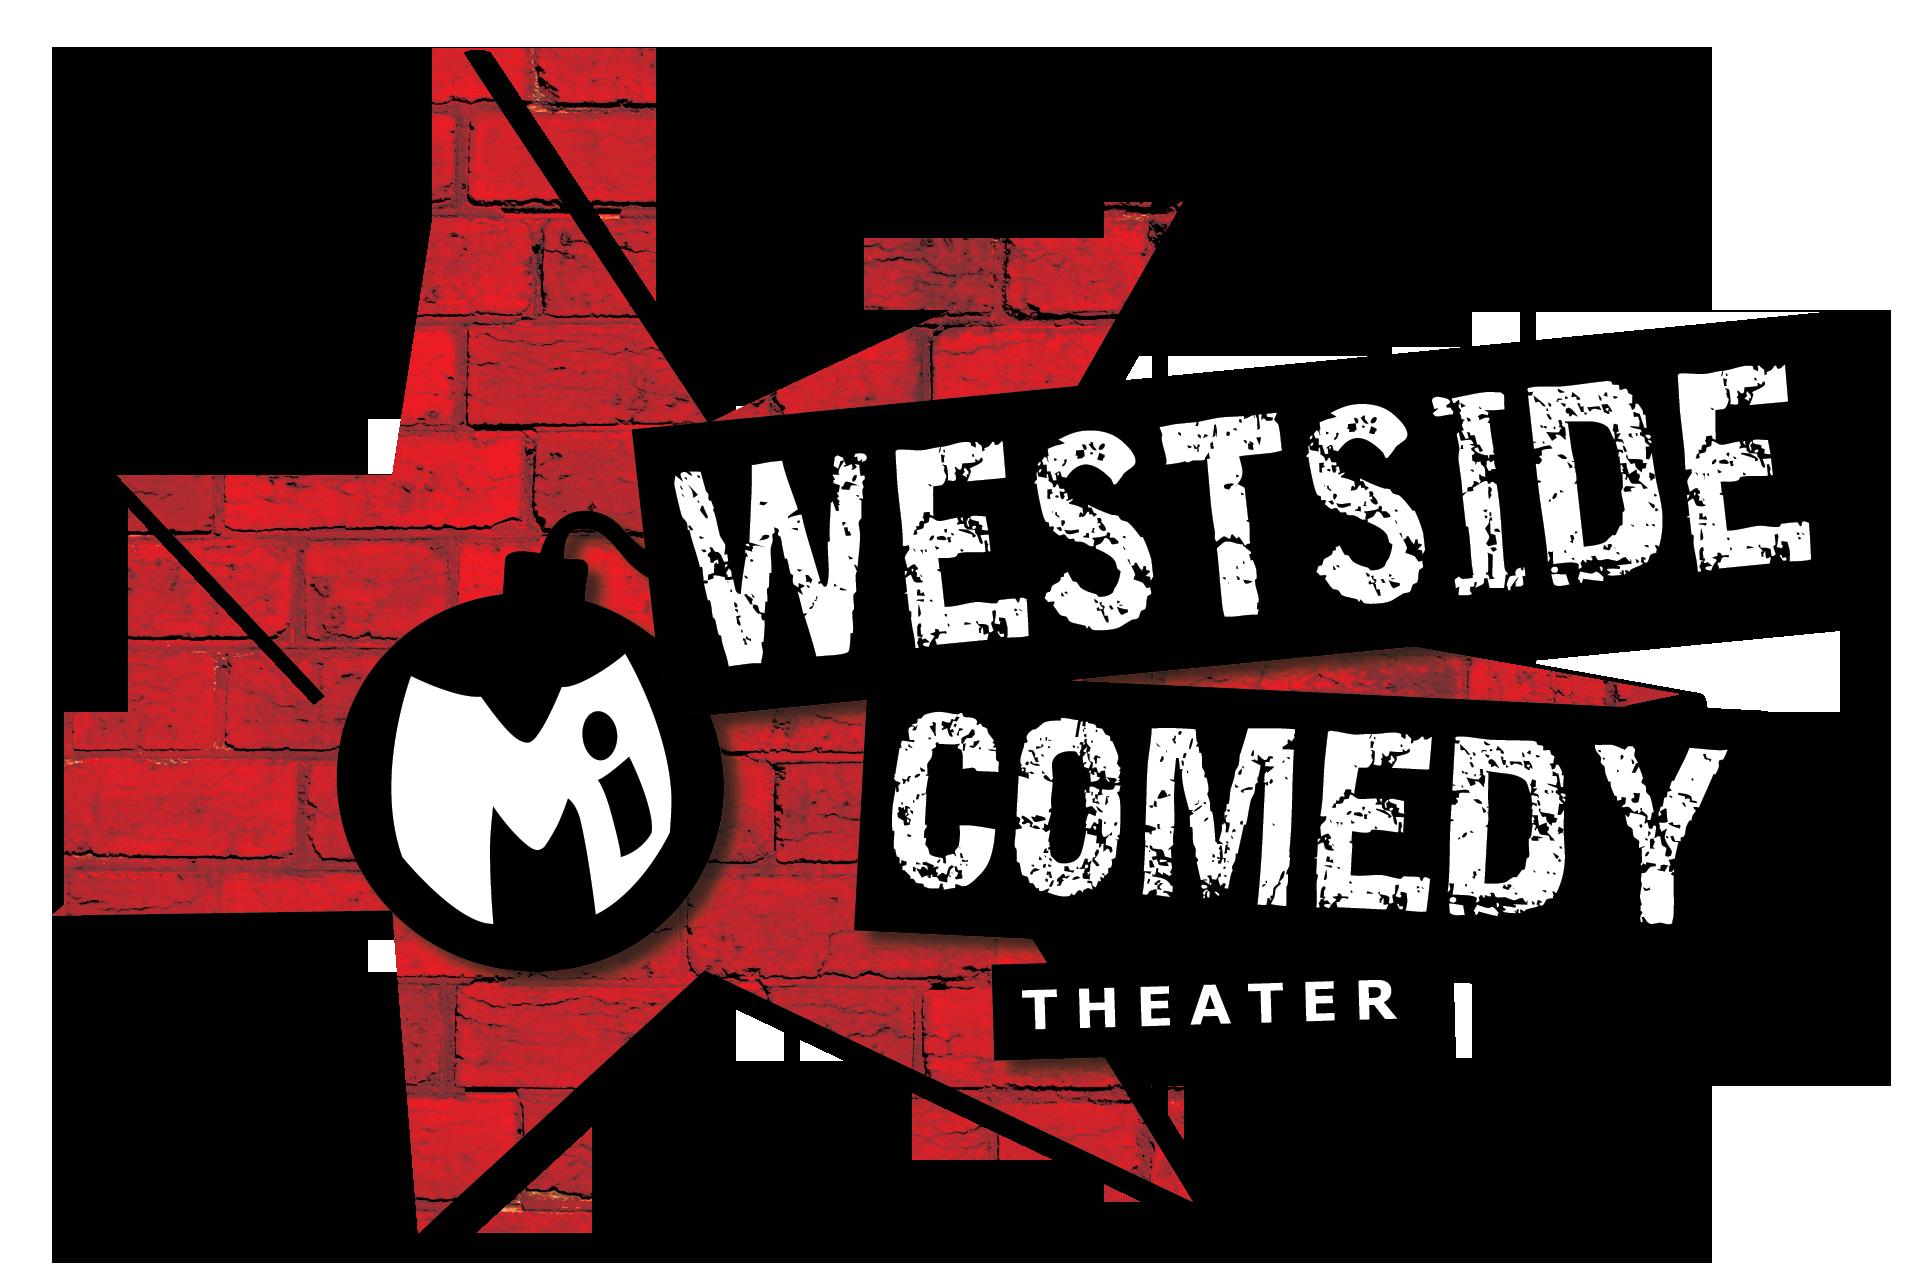 2017 Westside Standup Showdown performer